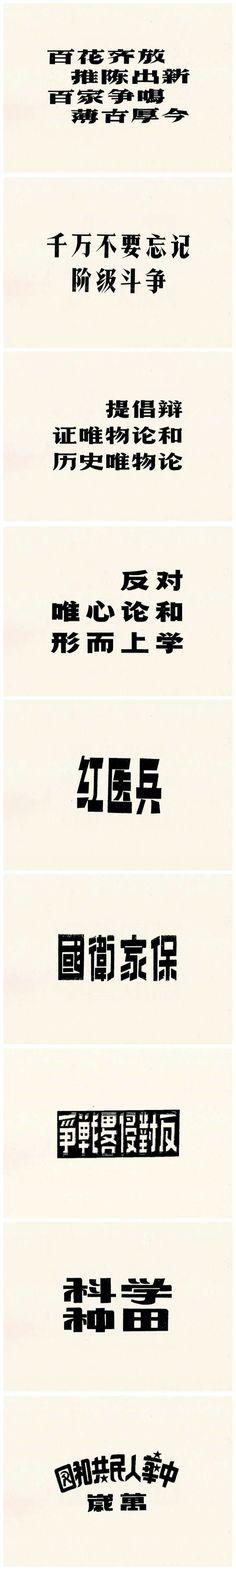 美术字时代:二十世纪七十年代 (1) Chinese Typography, Typography Fonts, Typography Design, Type Design, Logo Design, Graphic Design, Asian Font, Posters, Graphics